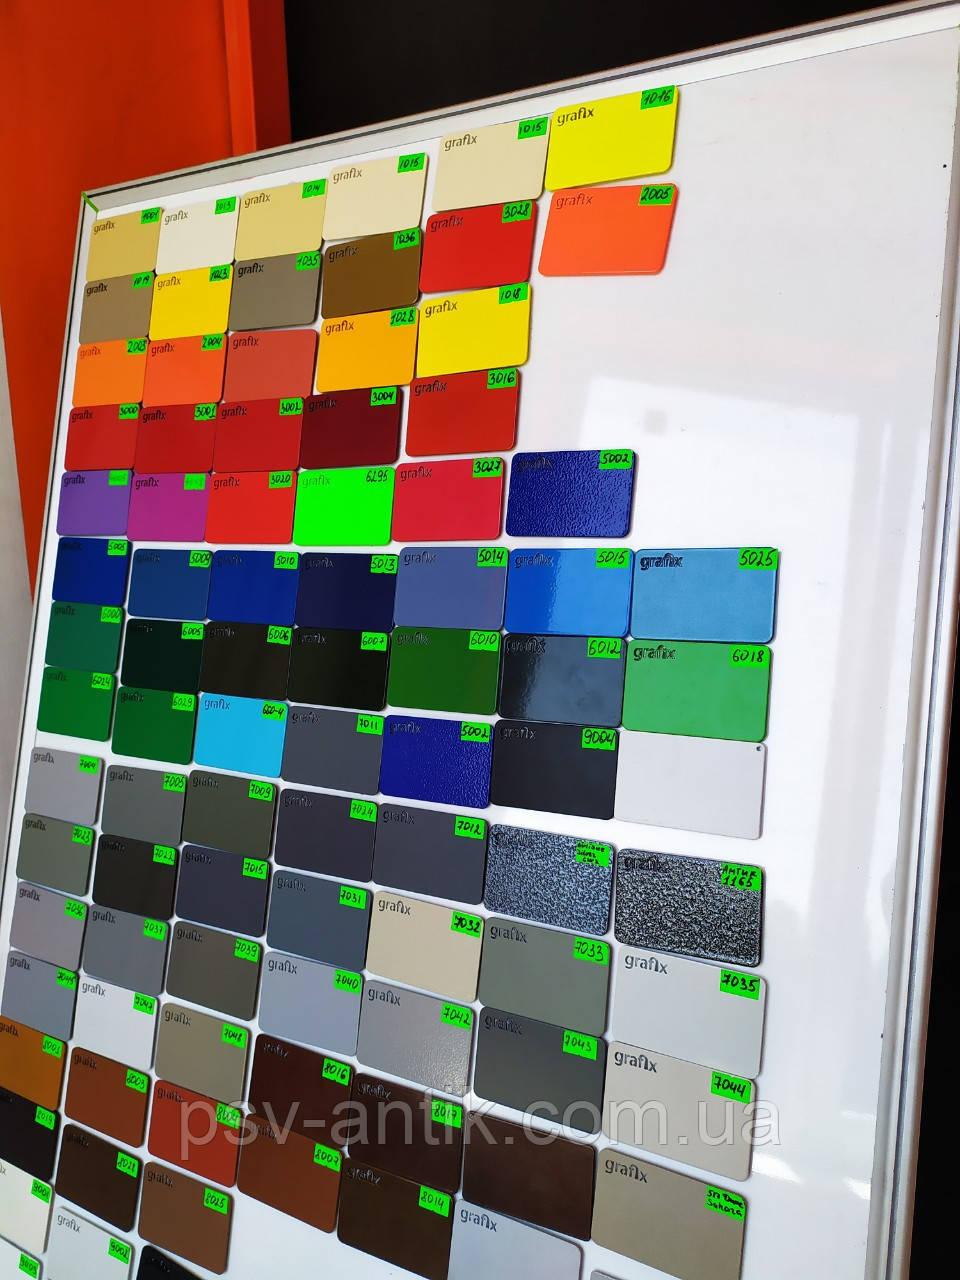 Порошковая краска глянцевая, полиэфирная, индустриальная, 5014